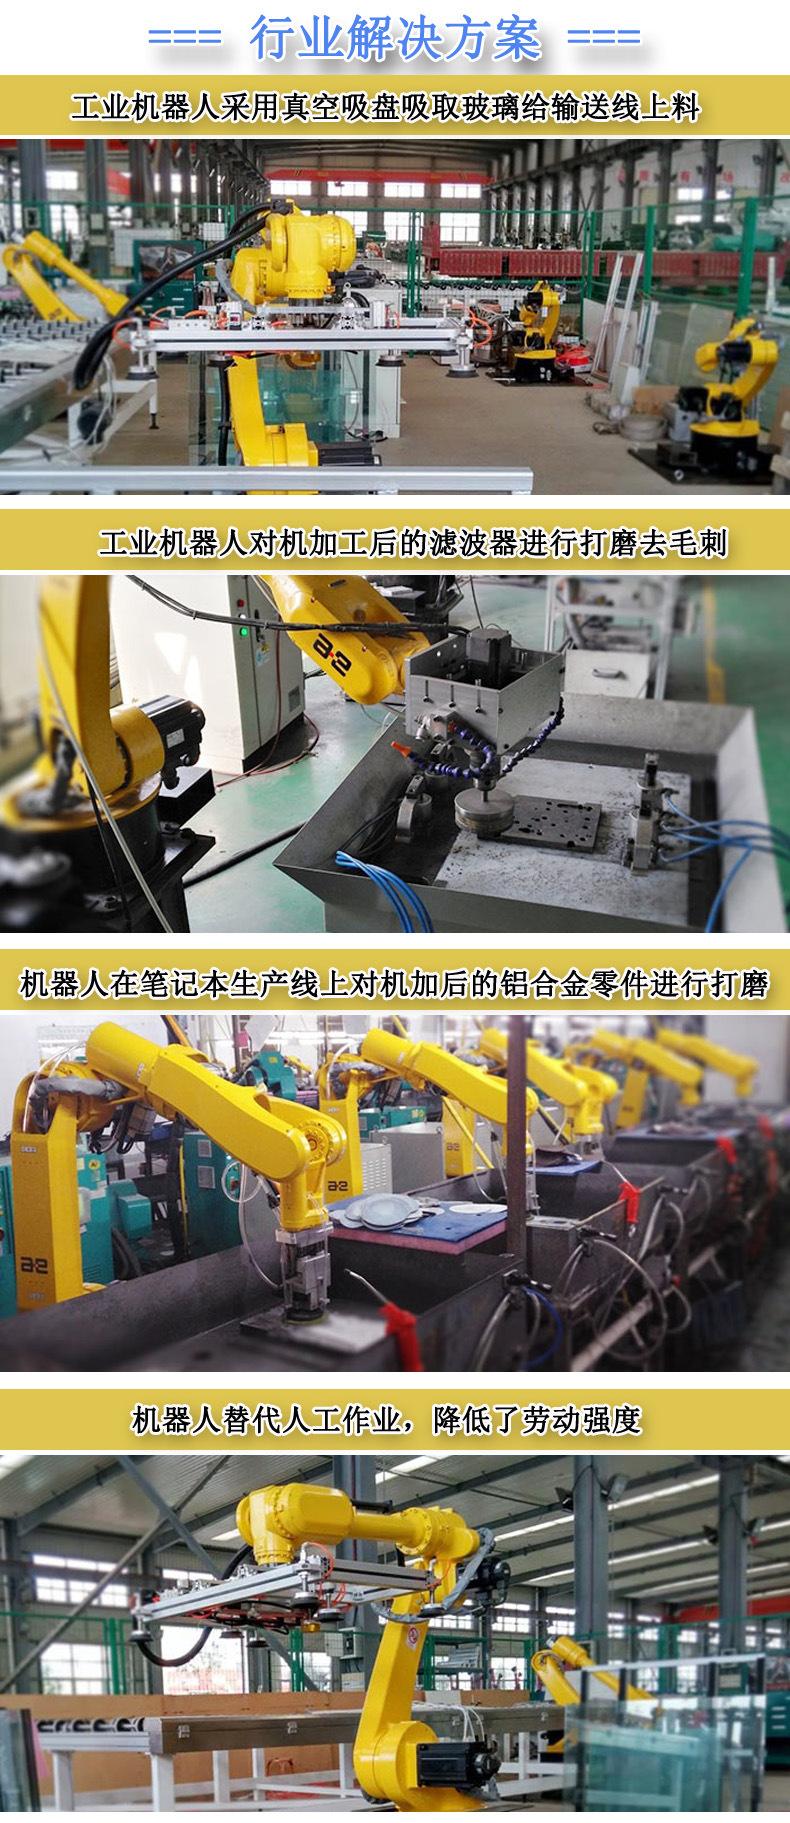 配天机器人AIR165应用案例